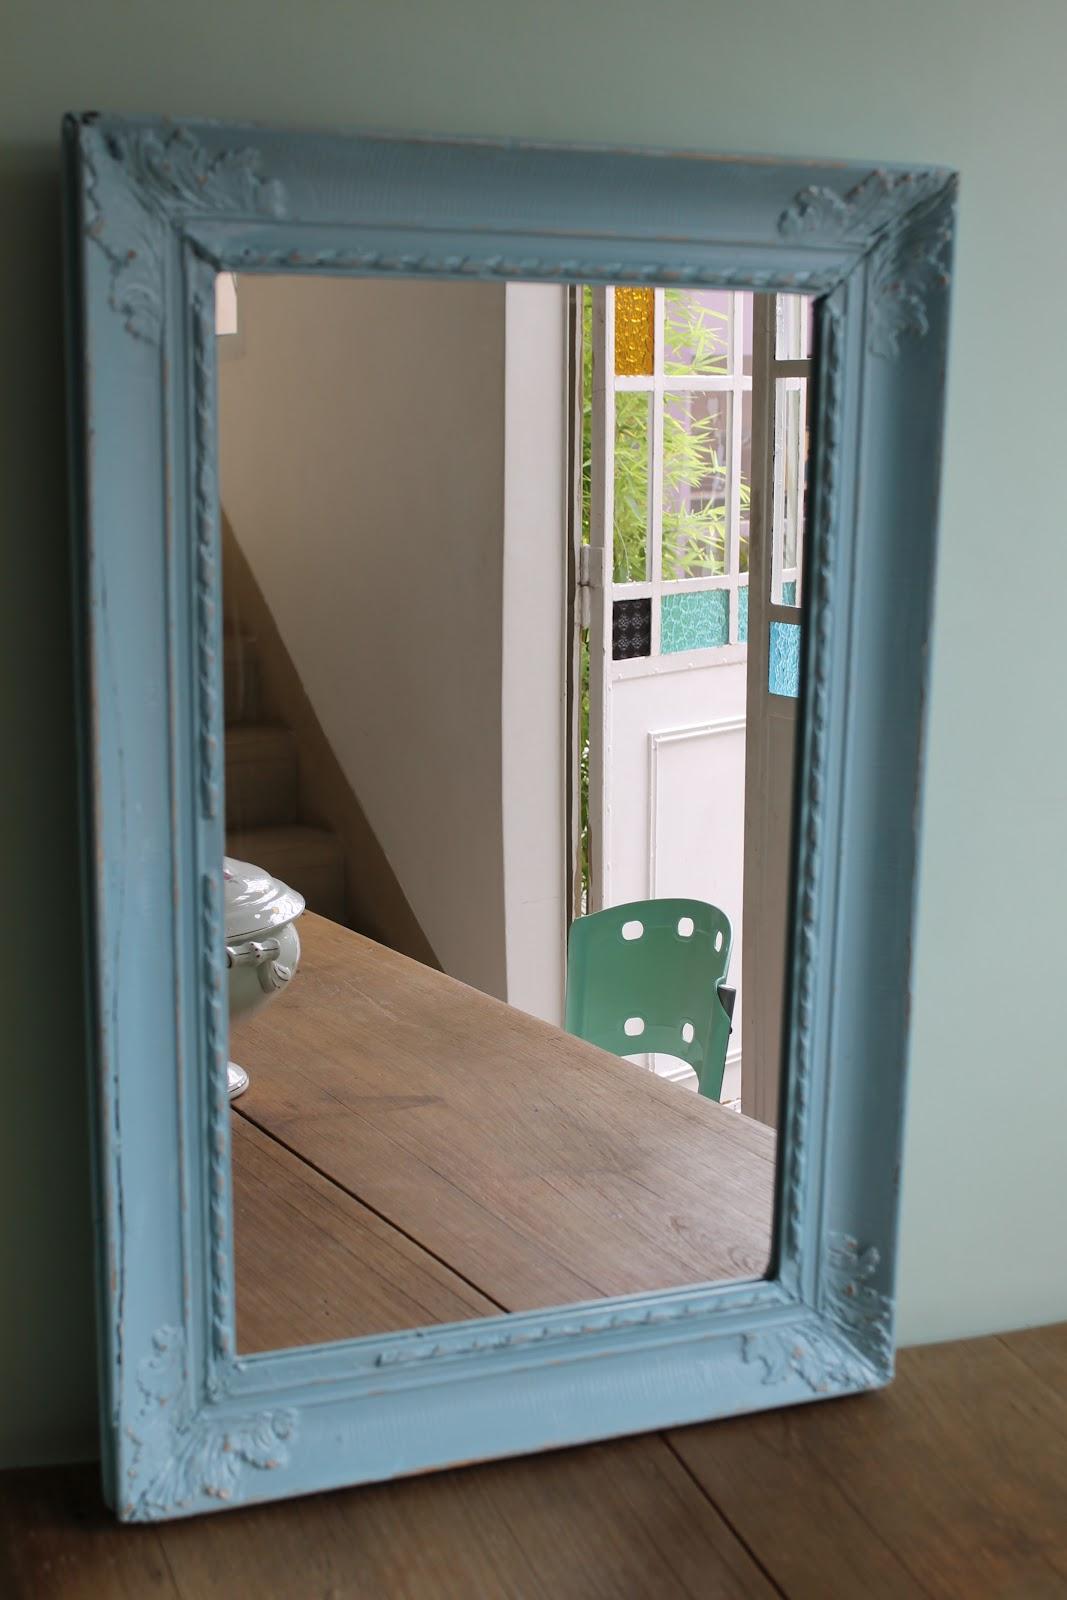 Marcos con espejos deco marce tienda for Pintar marco espejo